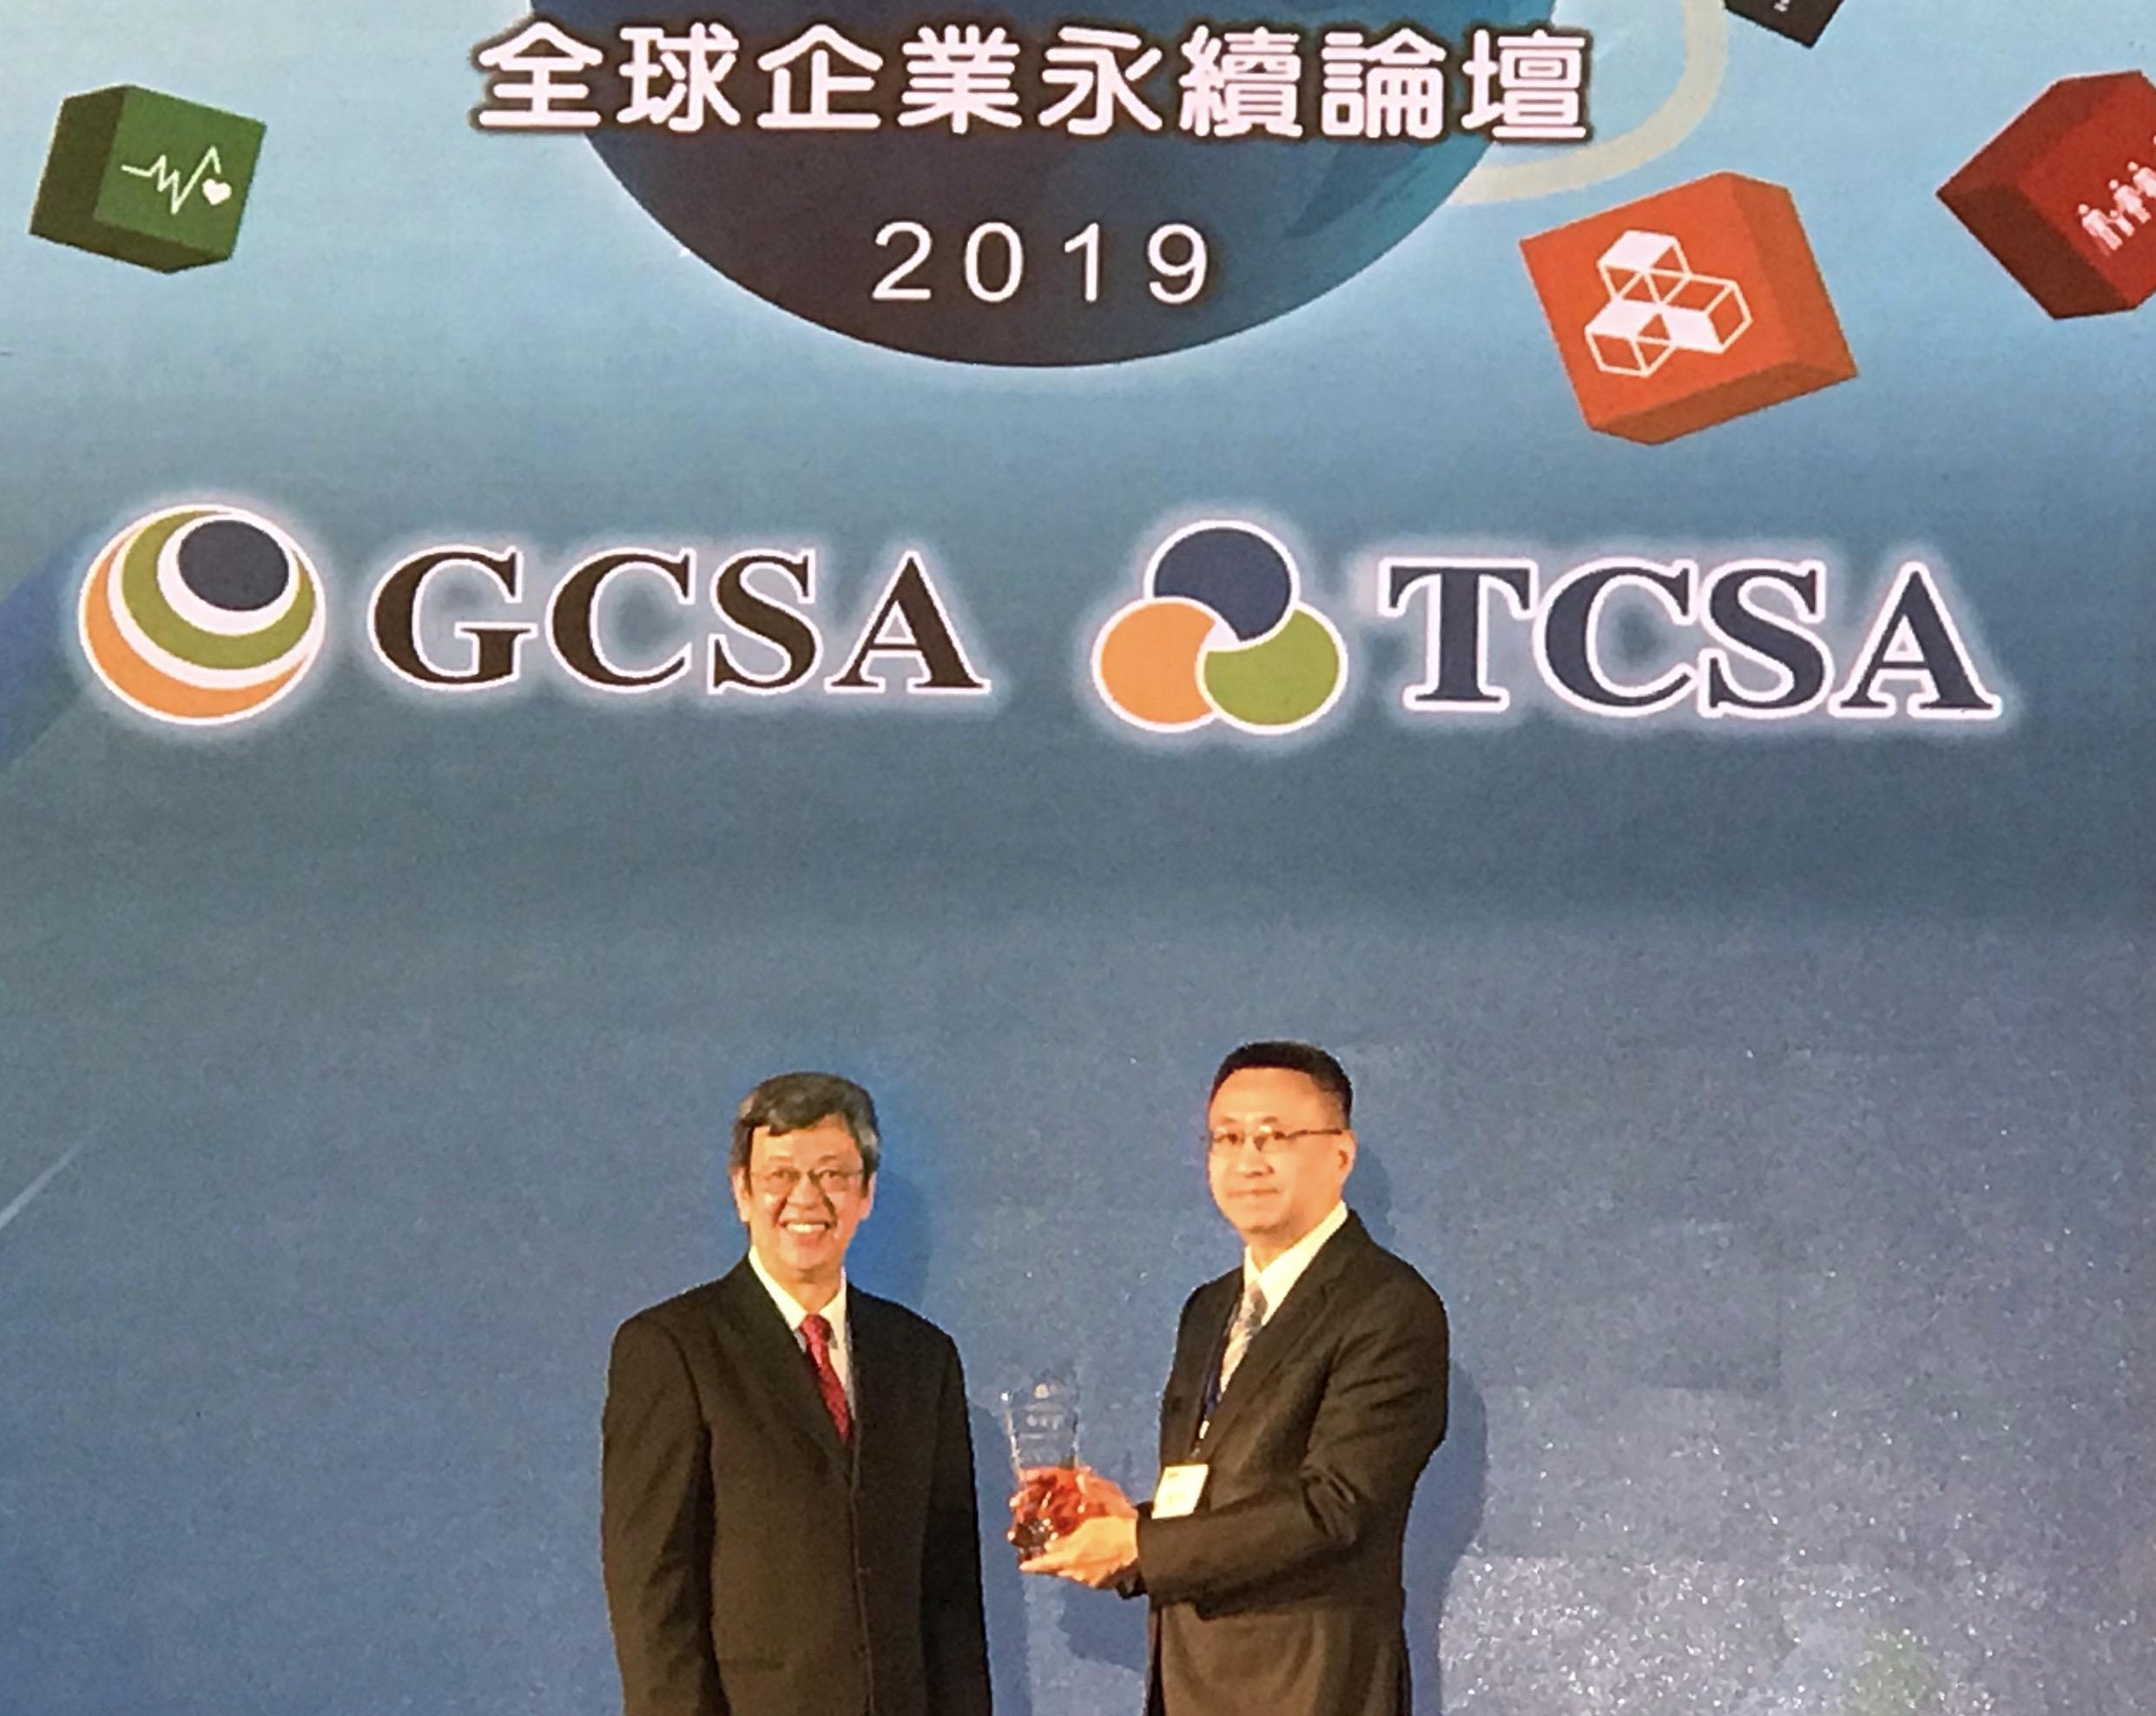 承諾十年減排20%  東元連六年獲台灣企業永續獎